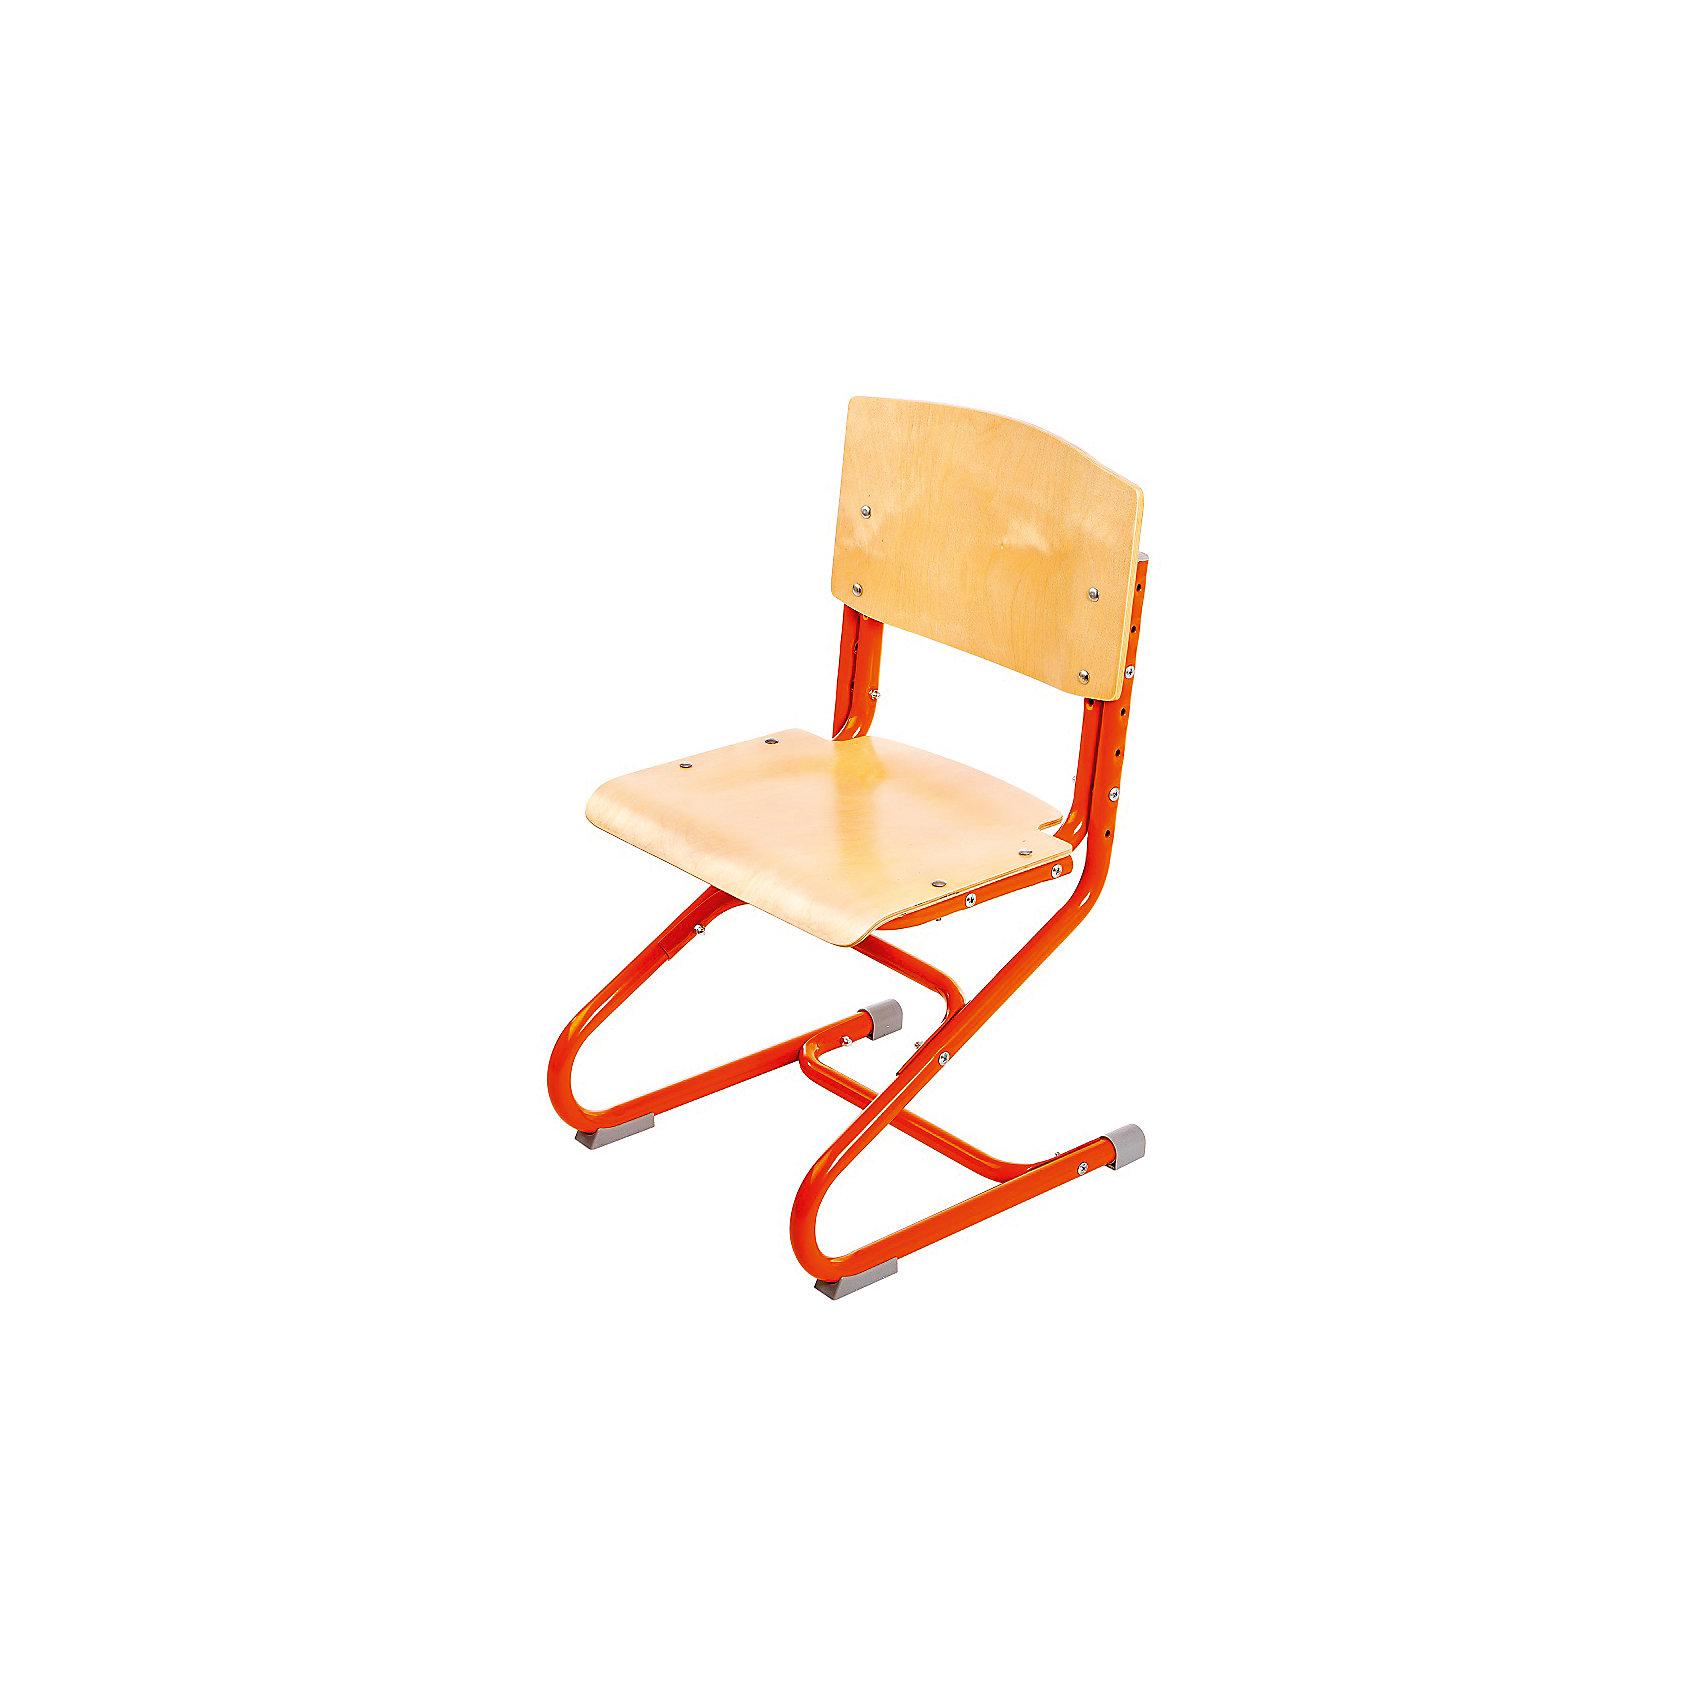 Стул универсальный СУТ.01-01, Дэми, оранжевыйСтул универсальный СУТ.01-01, Дэми, оранжевый – эргономичный стул для детей от 3 лет.<br>Высота ножек, положение сидения, наклон спинки регулируются, поэтому стул будет «расти» вместе с ребенком. Модель выполнена из прочного металла и фанеры, поэтому служить такой стул будет долгие годы. Регулируемая спинка также дополнительно помогает ребенку в поддержании красивой и здоровой осанки. Стул не теряет внешний вид спустя время и не требует особо ухода. <br><br>Дополнительная информация: <br><br>Высота сидения стула - 34,5-44,5 см<br>Глубина сидения стула - 31-34,5 см<br>Ширина сидения стула - 40 см <br>Вес: 7 кг<br>Материал: фанера, металл<br>Цвет: оранжевый<br><br>Стул универсальный СУТ.01-01, Дэми, оранжевый можно купить в нашем интернет магазине.<br><br>Ширина мм: 730<br>Глубина мм: 610<br>Высота мм: 80<br>Вес г: 8000<br>Возраст от месяцев: 48<br>Возраст до месяцев: 1188<br>Пол: Унисекс<br>Возраст: Детский<br>SKU: 4919211